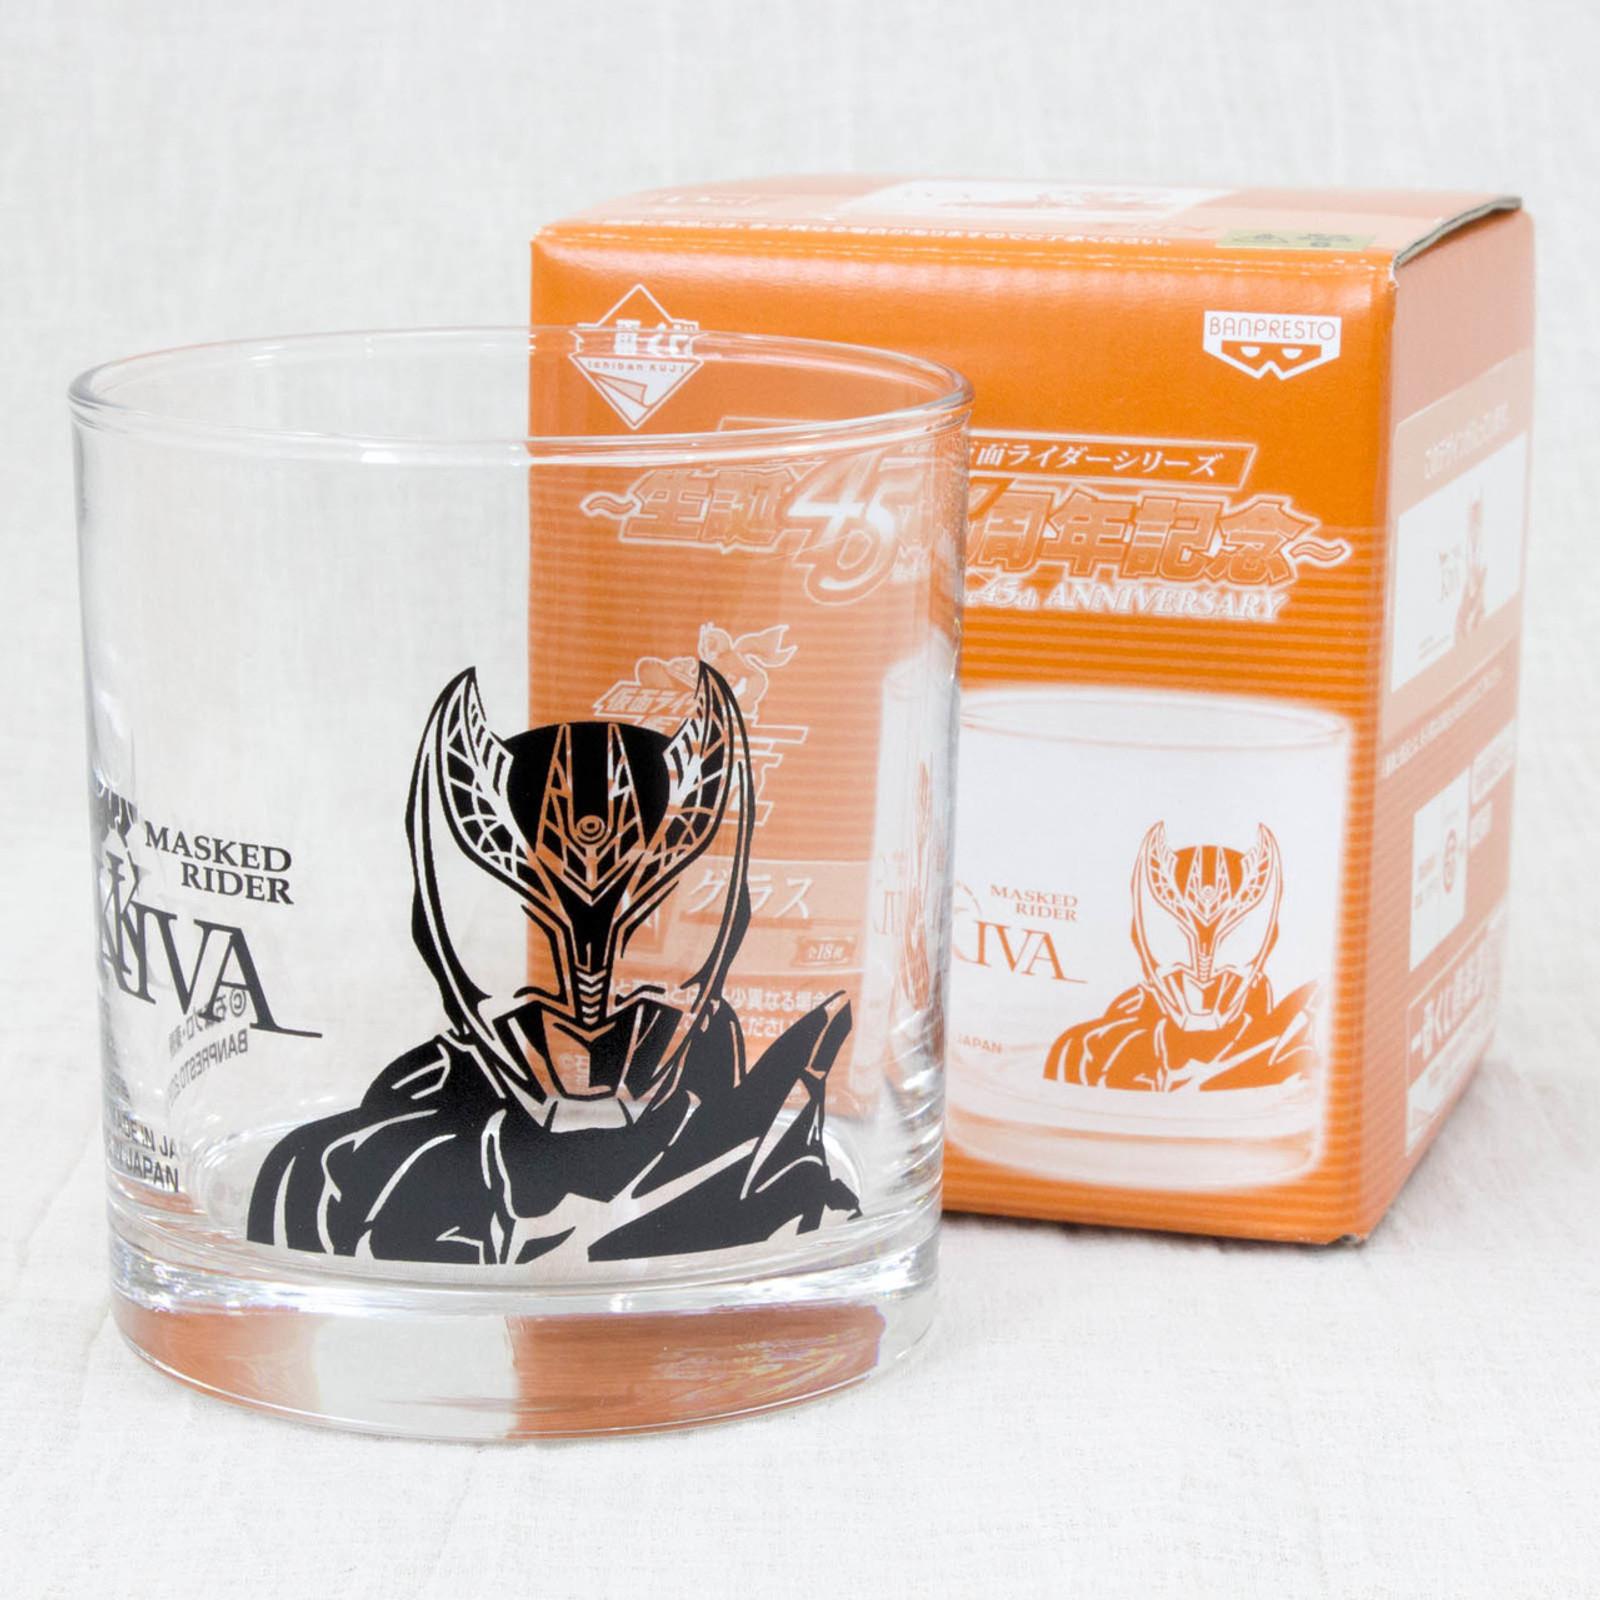 Kamen Rider KIVA Glass Banpresto JAPAN TOKUSATSU